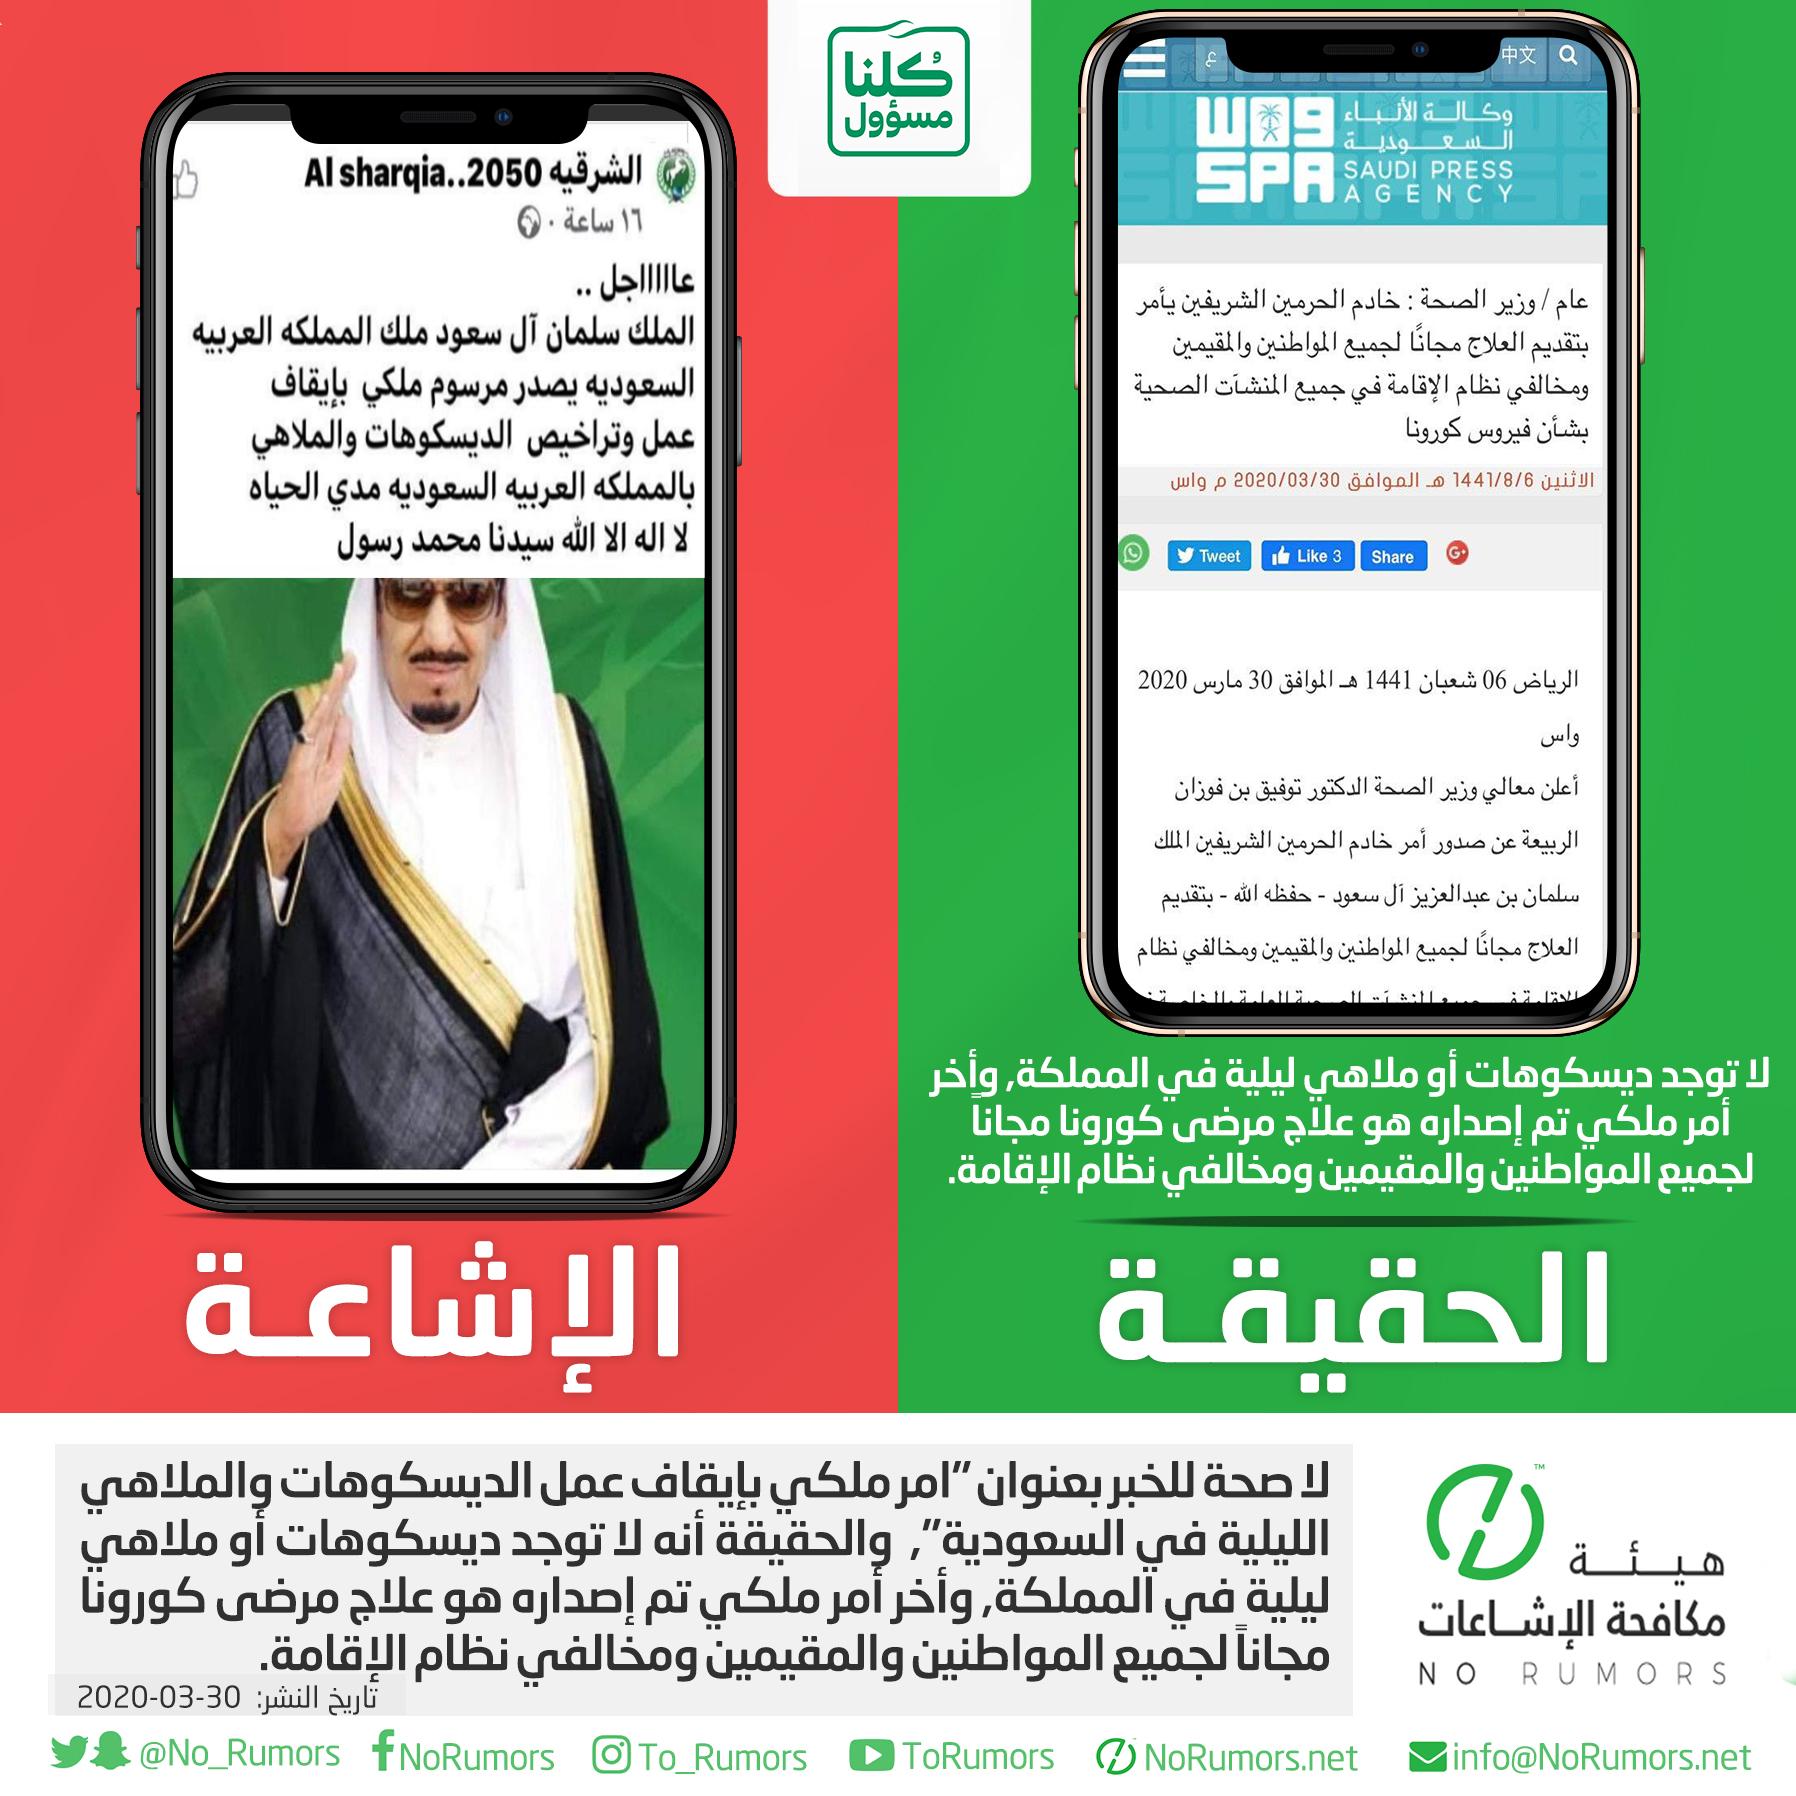 """حقيقة الخبر بعنوان """"امر ملكي بإيقاف عمل الديسكوهات والملاهي الليلية في السعودية"""""""